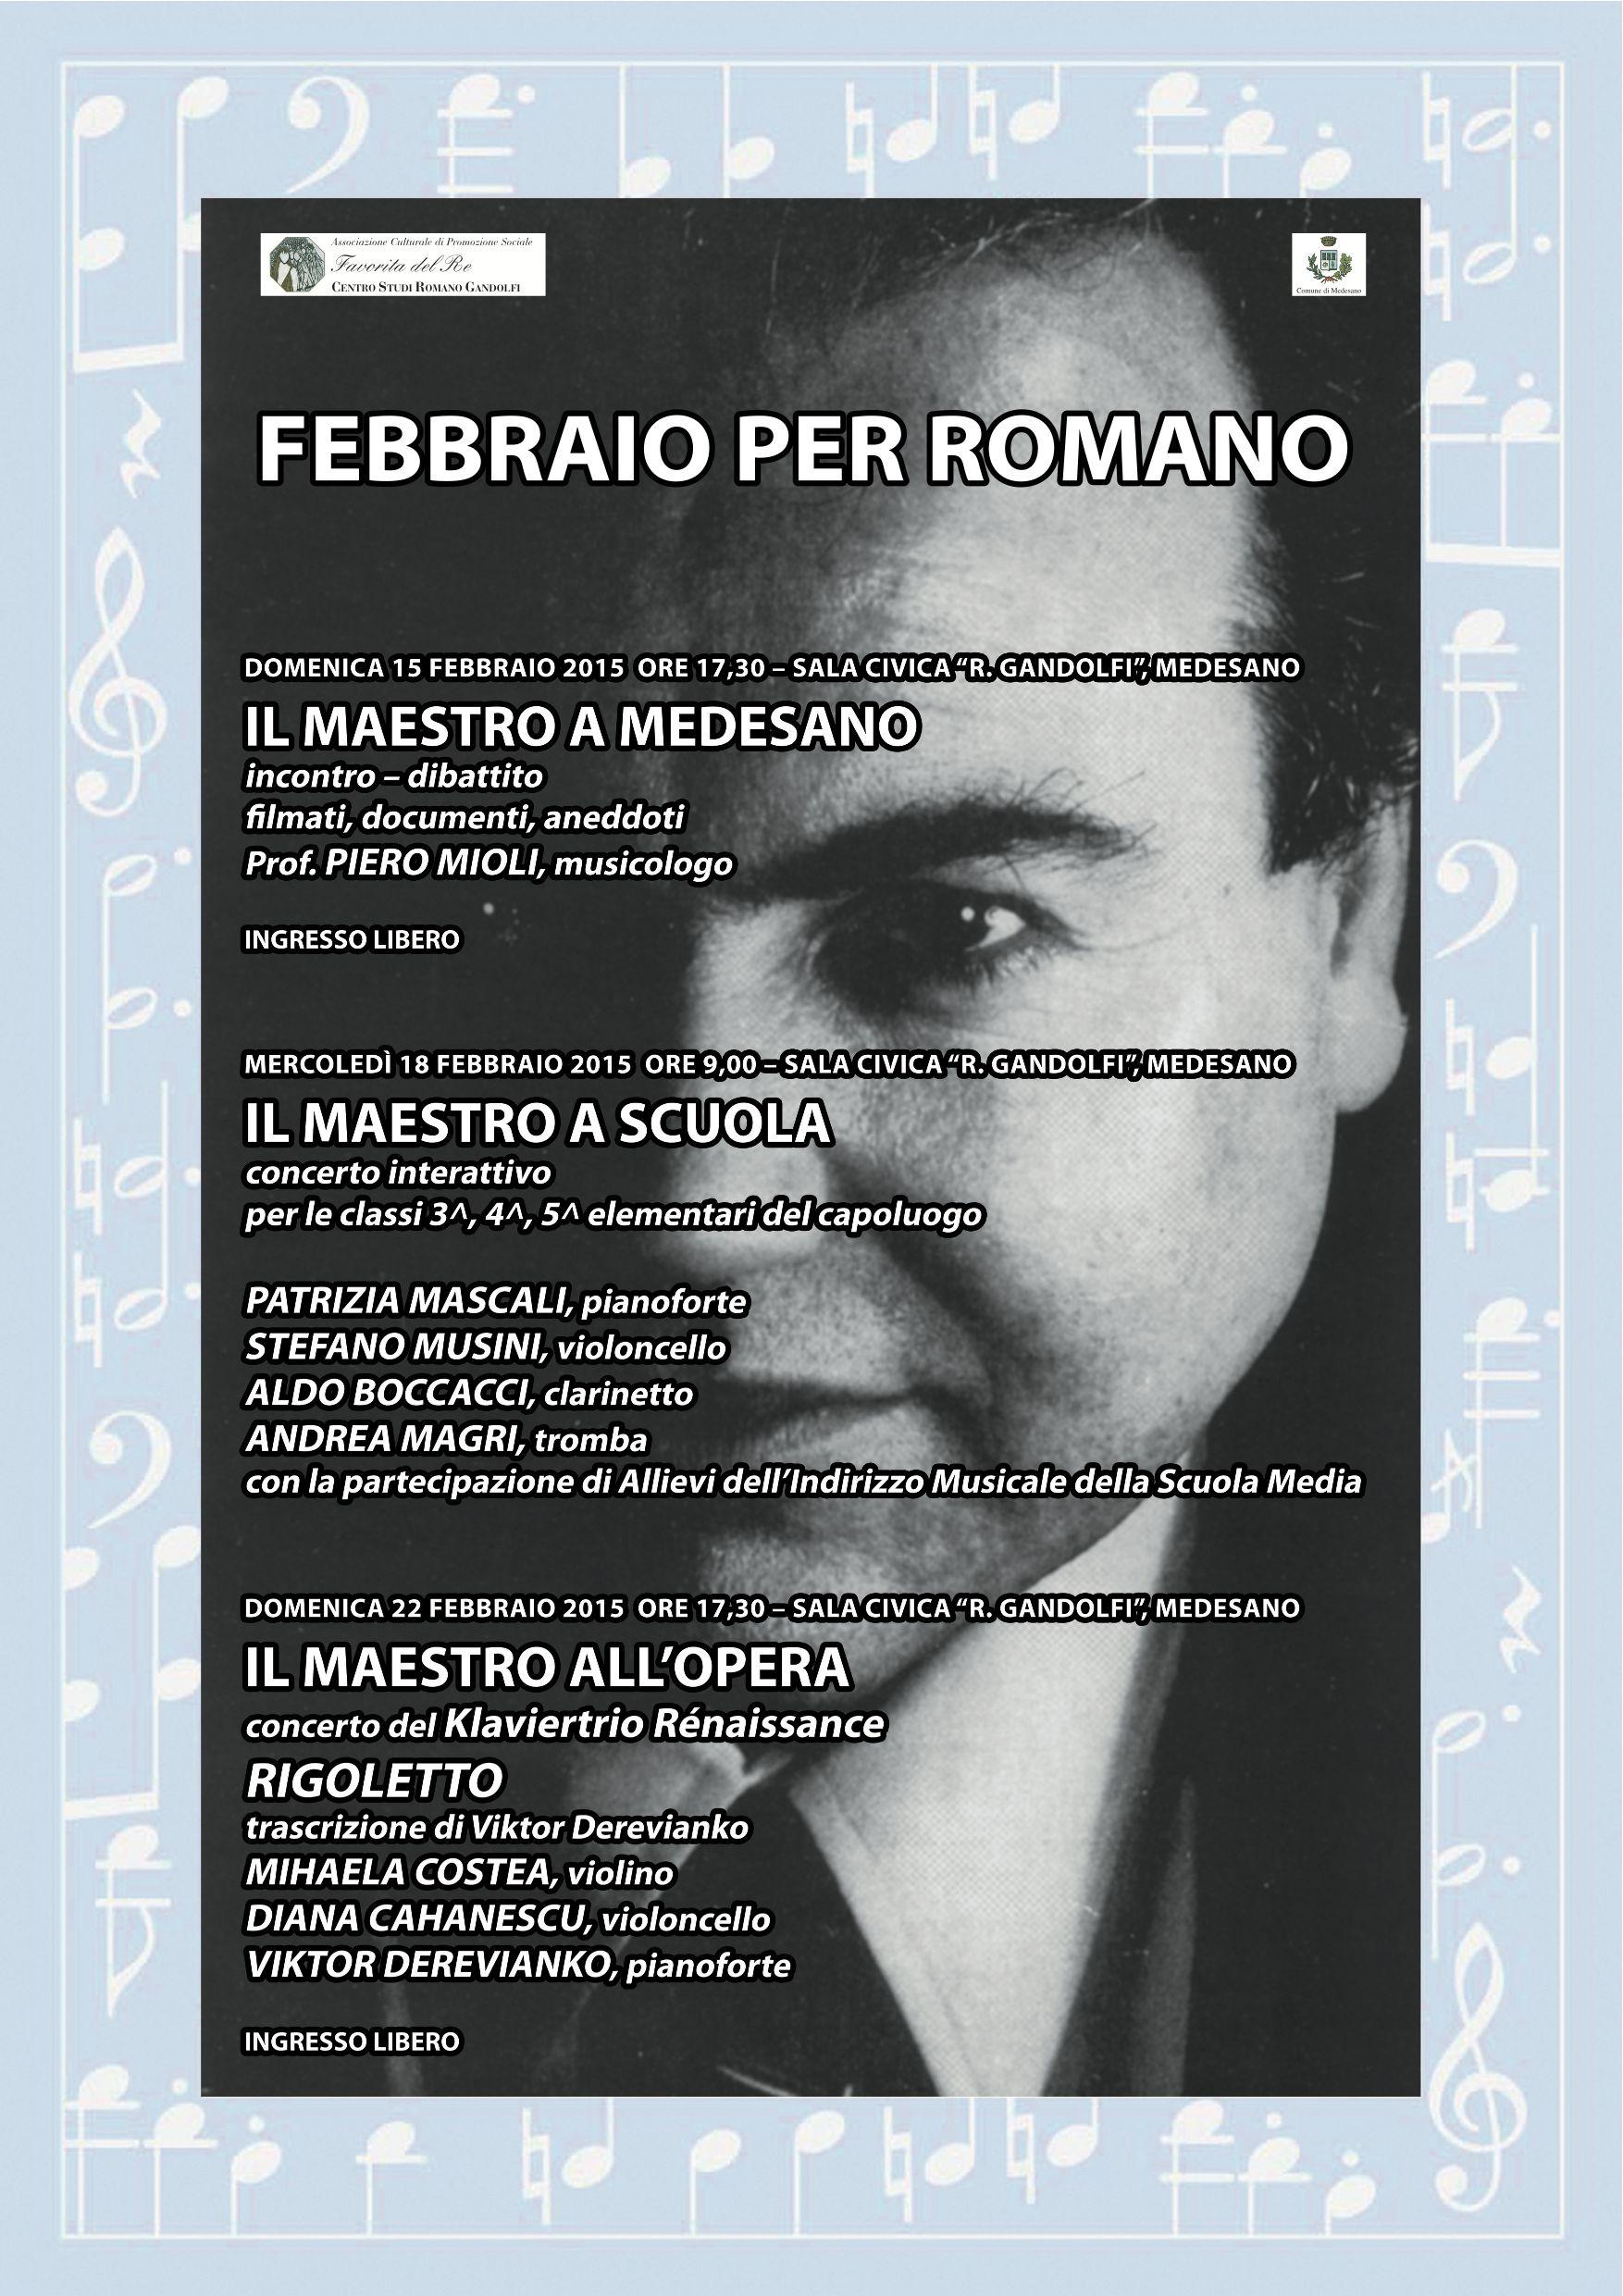 Febbraio 2015, Rigoletto nei tre momenti per il Maestro